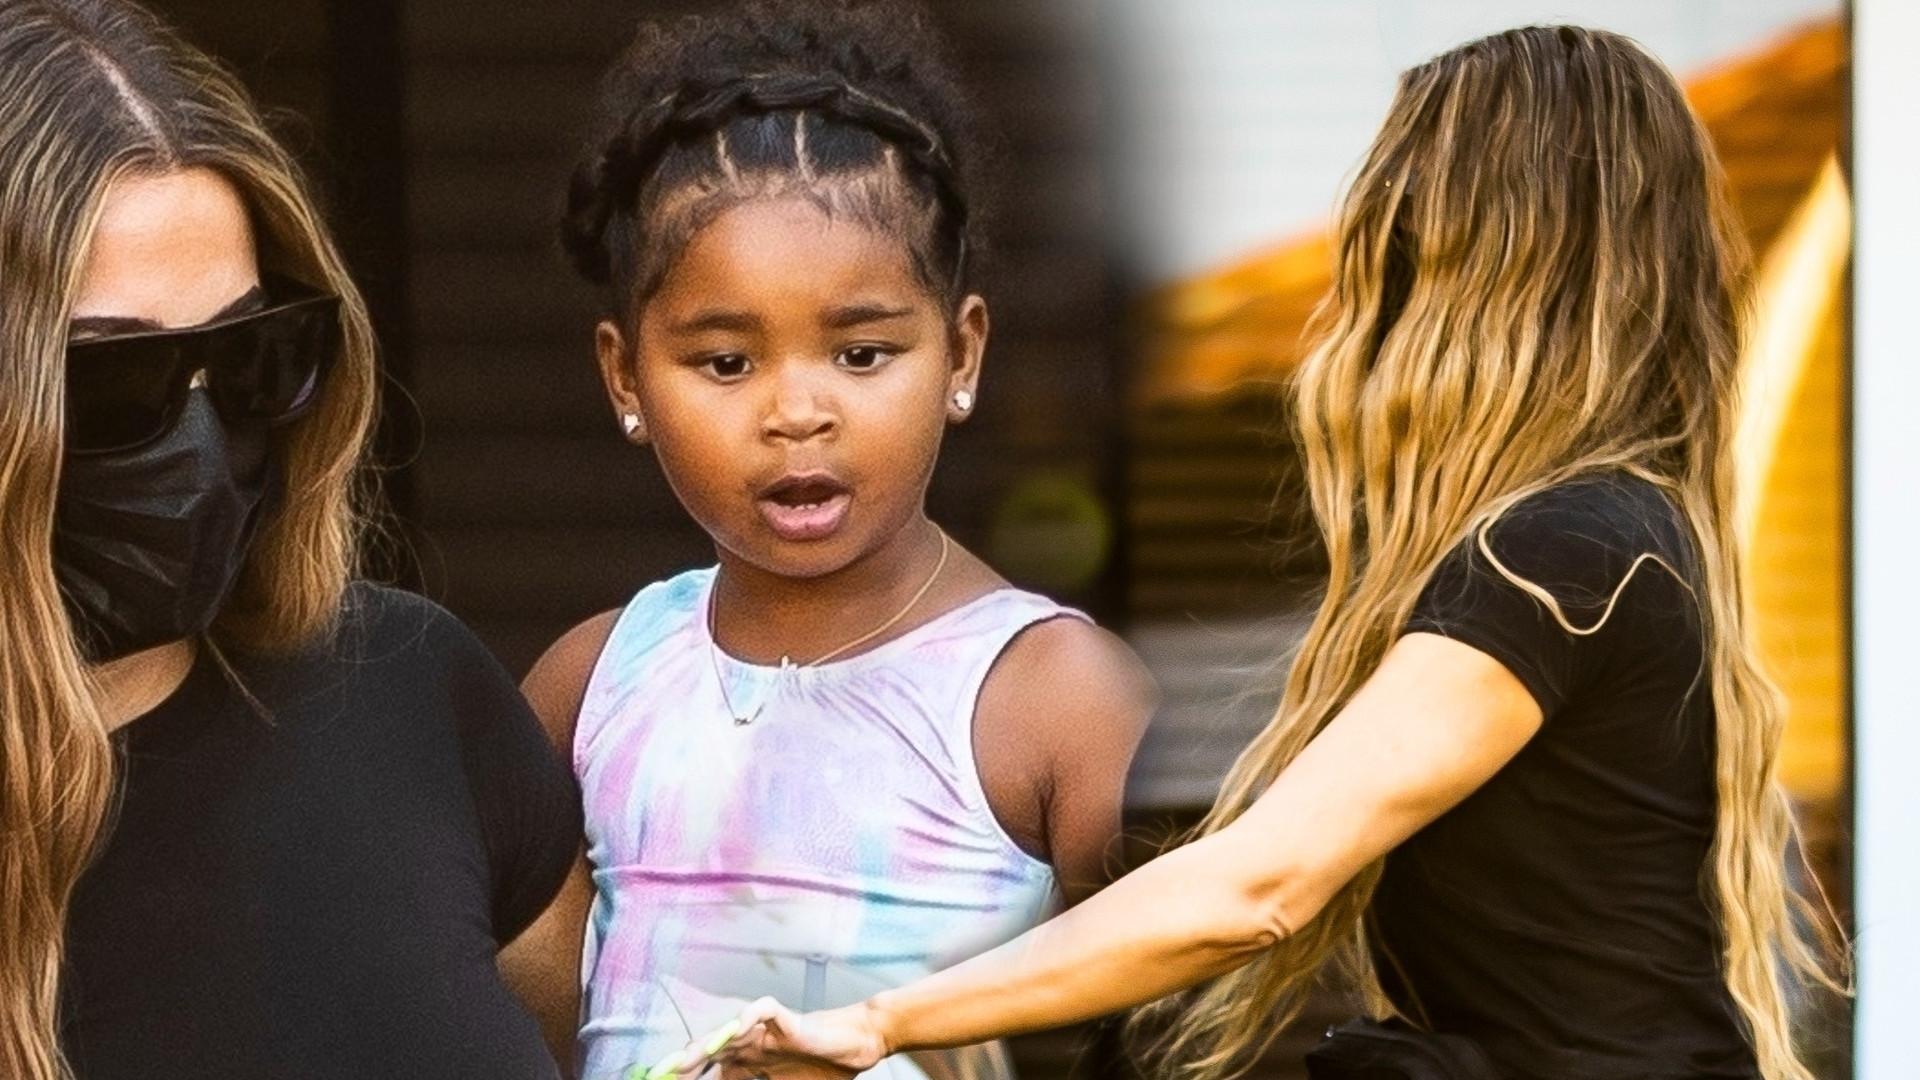 Khloe Kardashian zabrała True na zajęcia gimnastyczne. Uwagę zwracają dłonie celebrytki – nie ze względu na brak pierścionka (ZDJĘCIA)